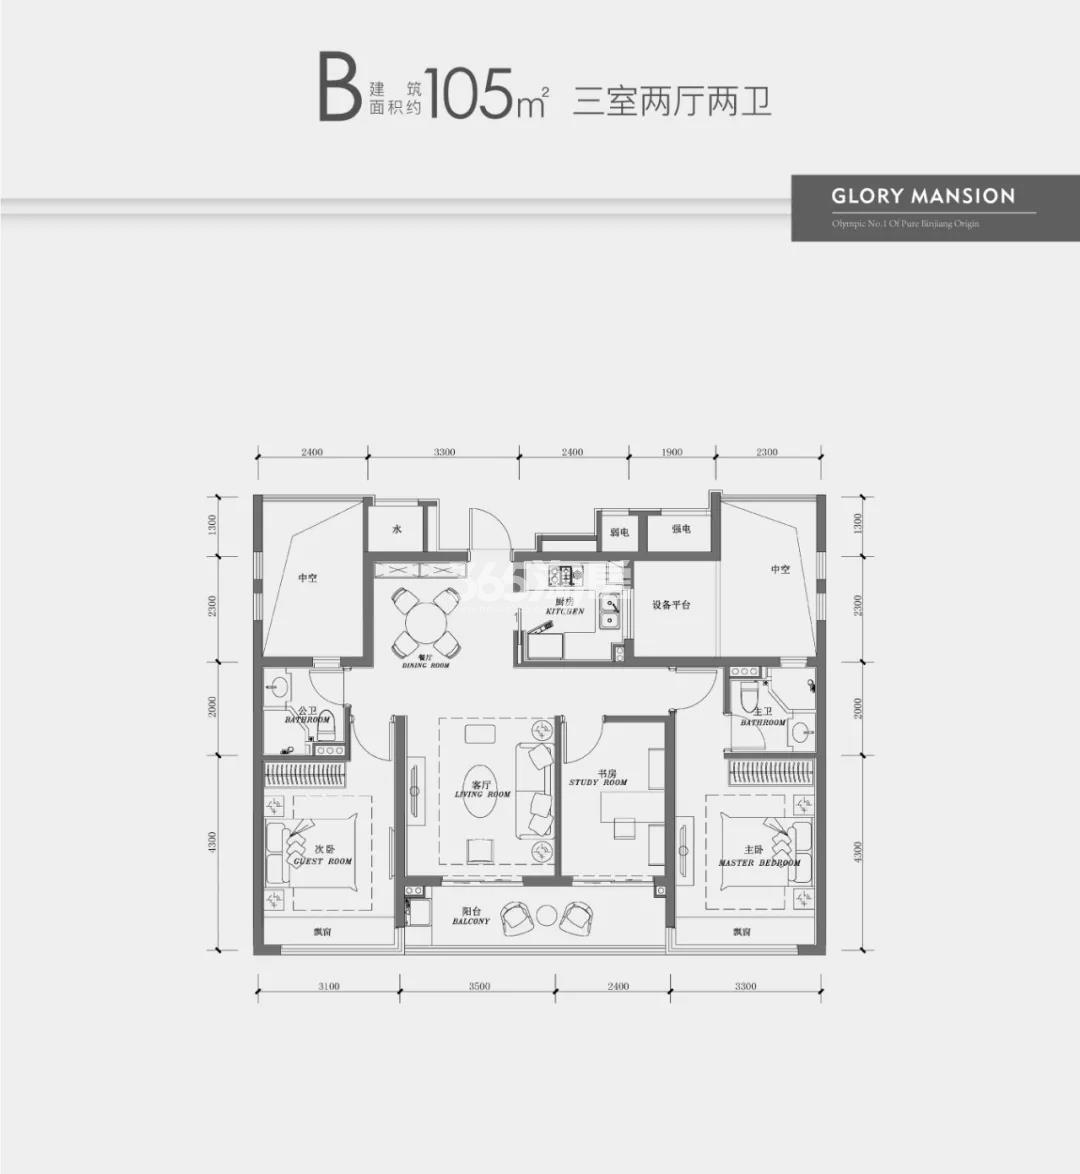 滨江御虹府B户型105方